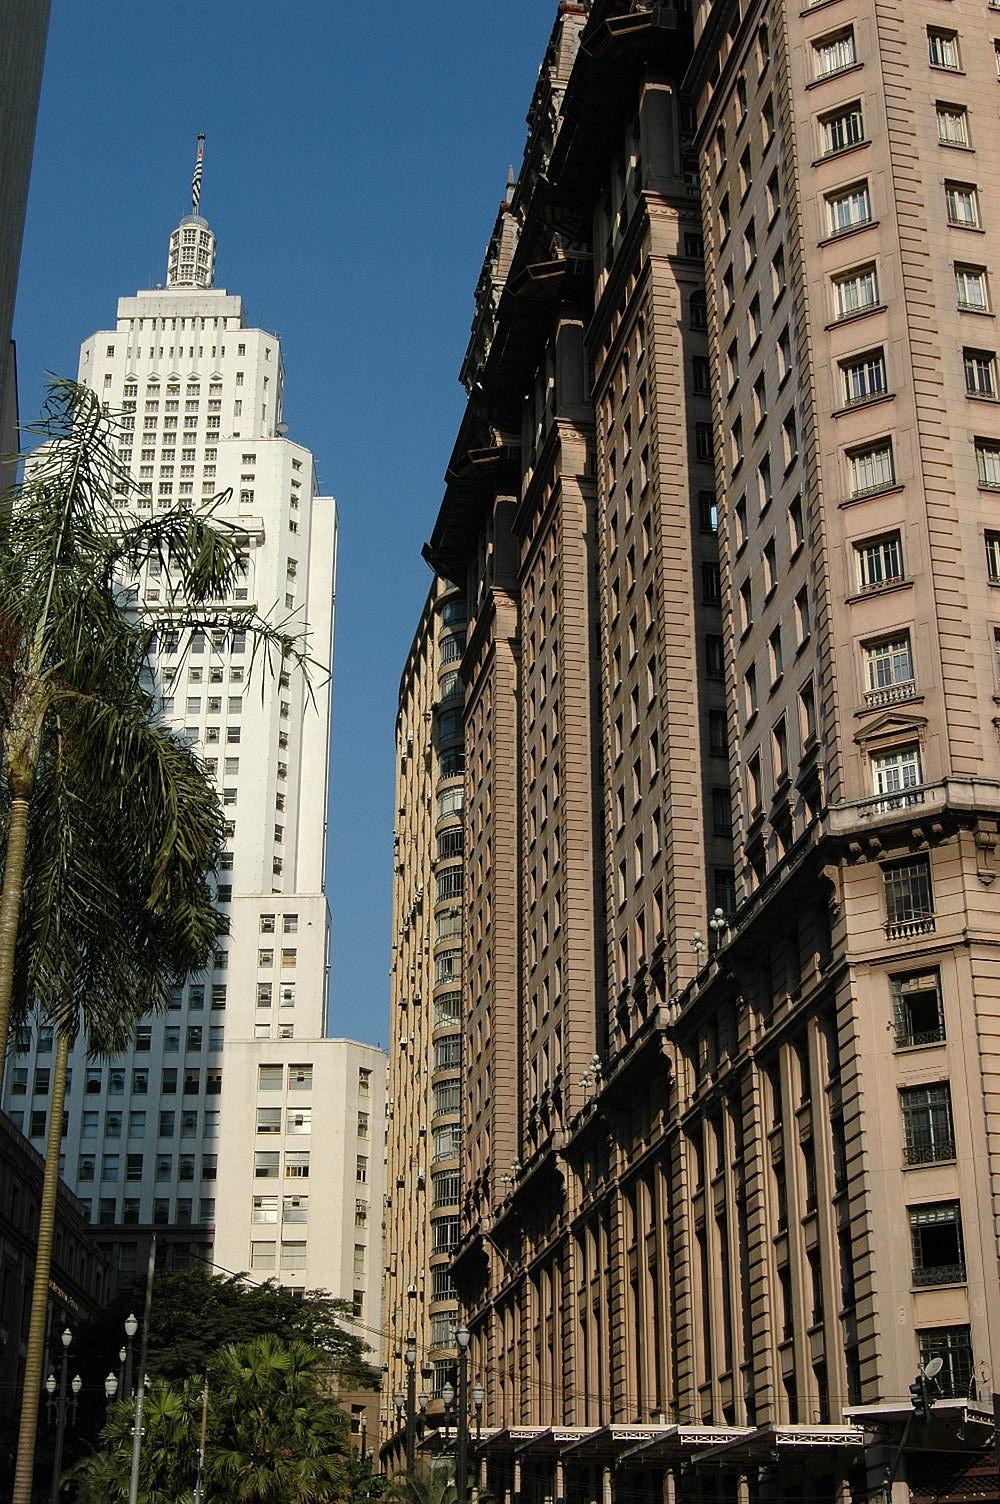 Edifício Martinelli: 10 curiosidades sobre o icônico prédio de São Paulo (Foto: Monica Kaneko/Wiki Commons)